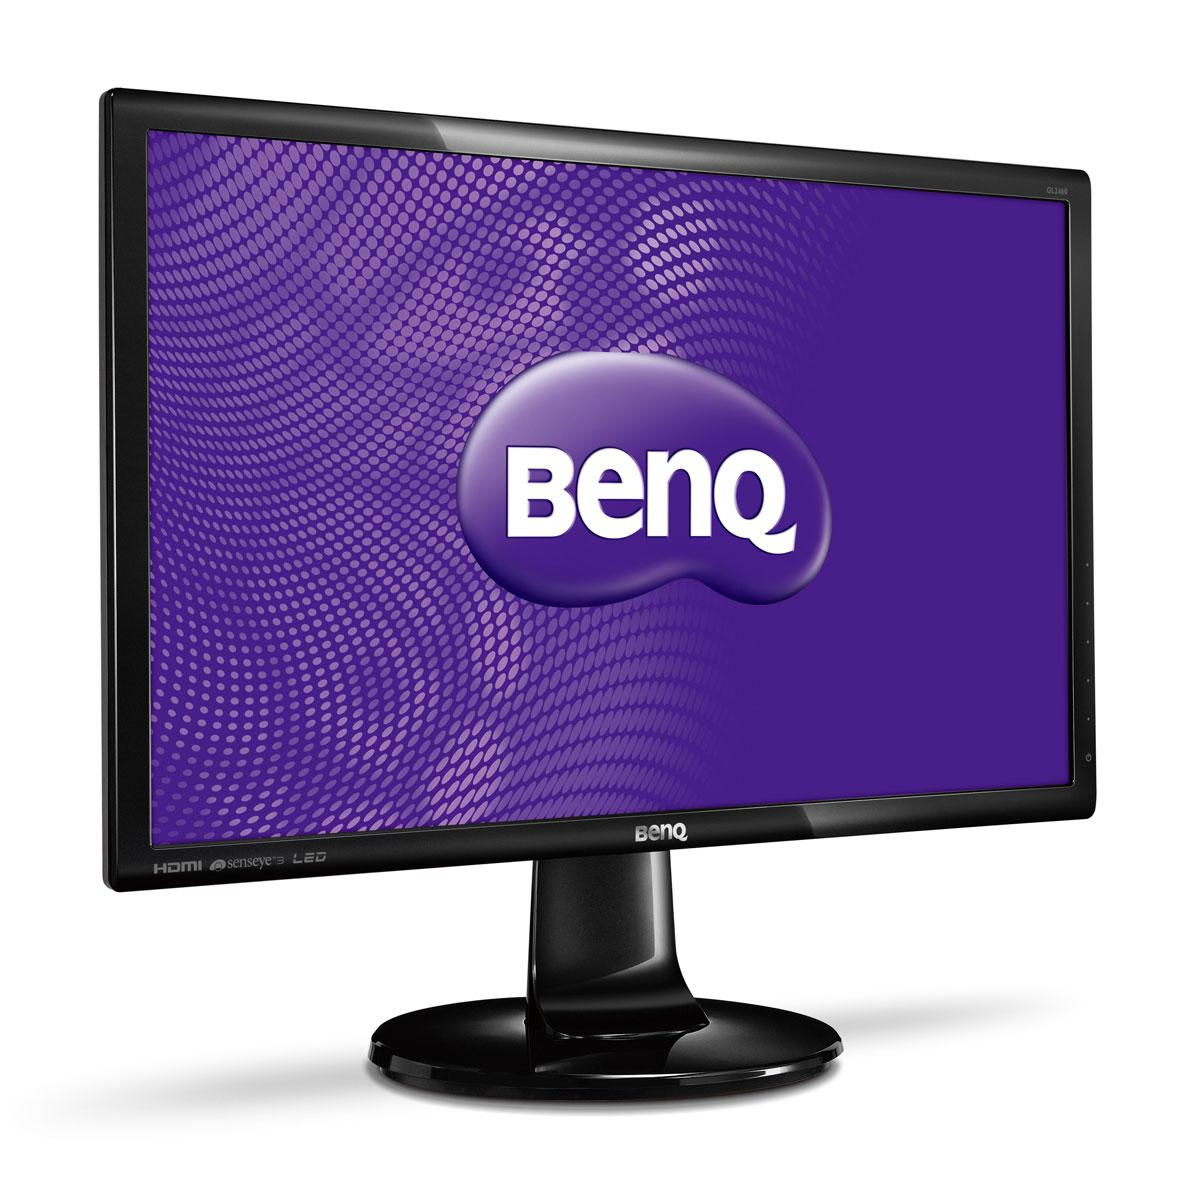 """Ecran PC BenQ 24"""" LED - GL2460HM 1920 x 1080 pixels - 2 ms (gris à gris) - Format large 16/9 - Noir"""